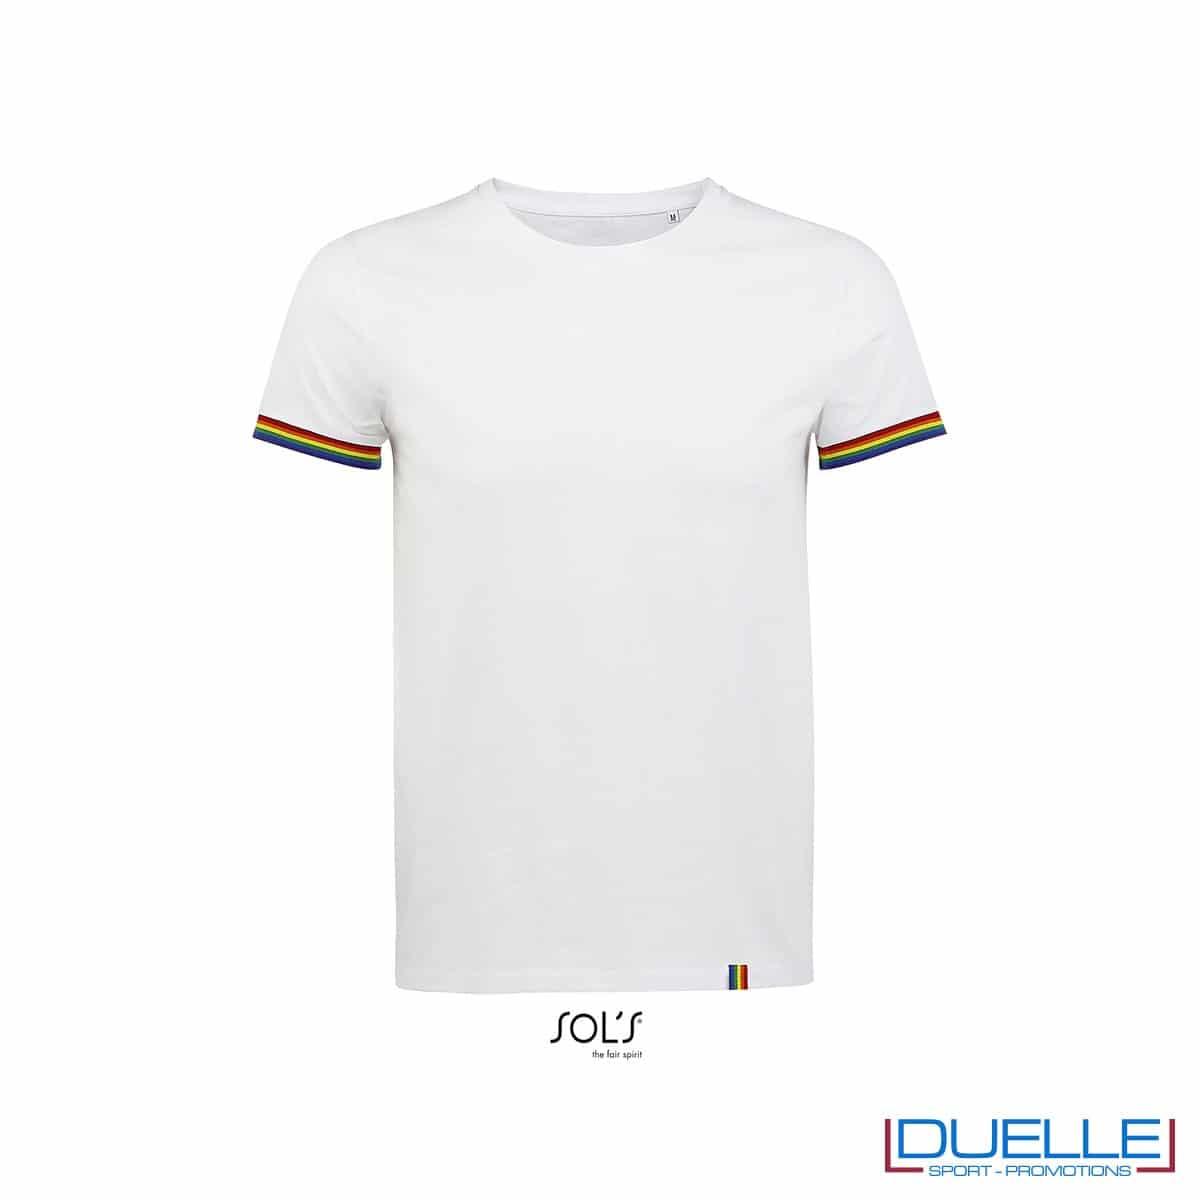 T-shirt girocollo cotone bordino rigato personalizzata